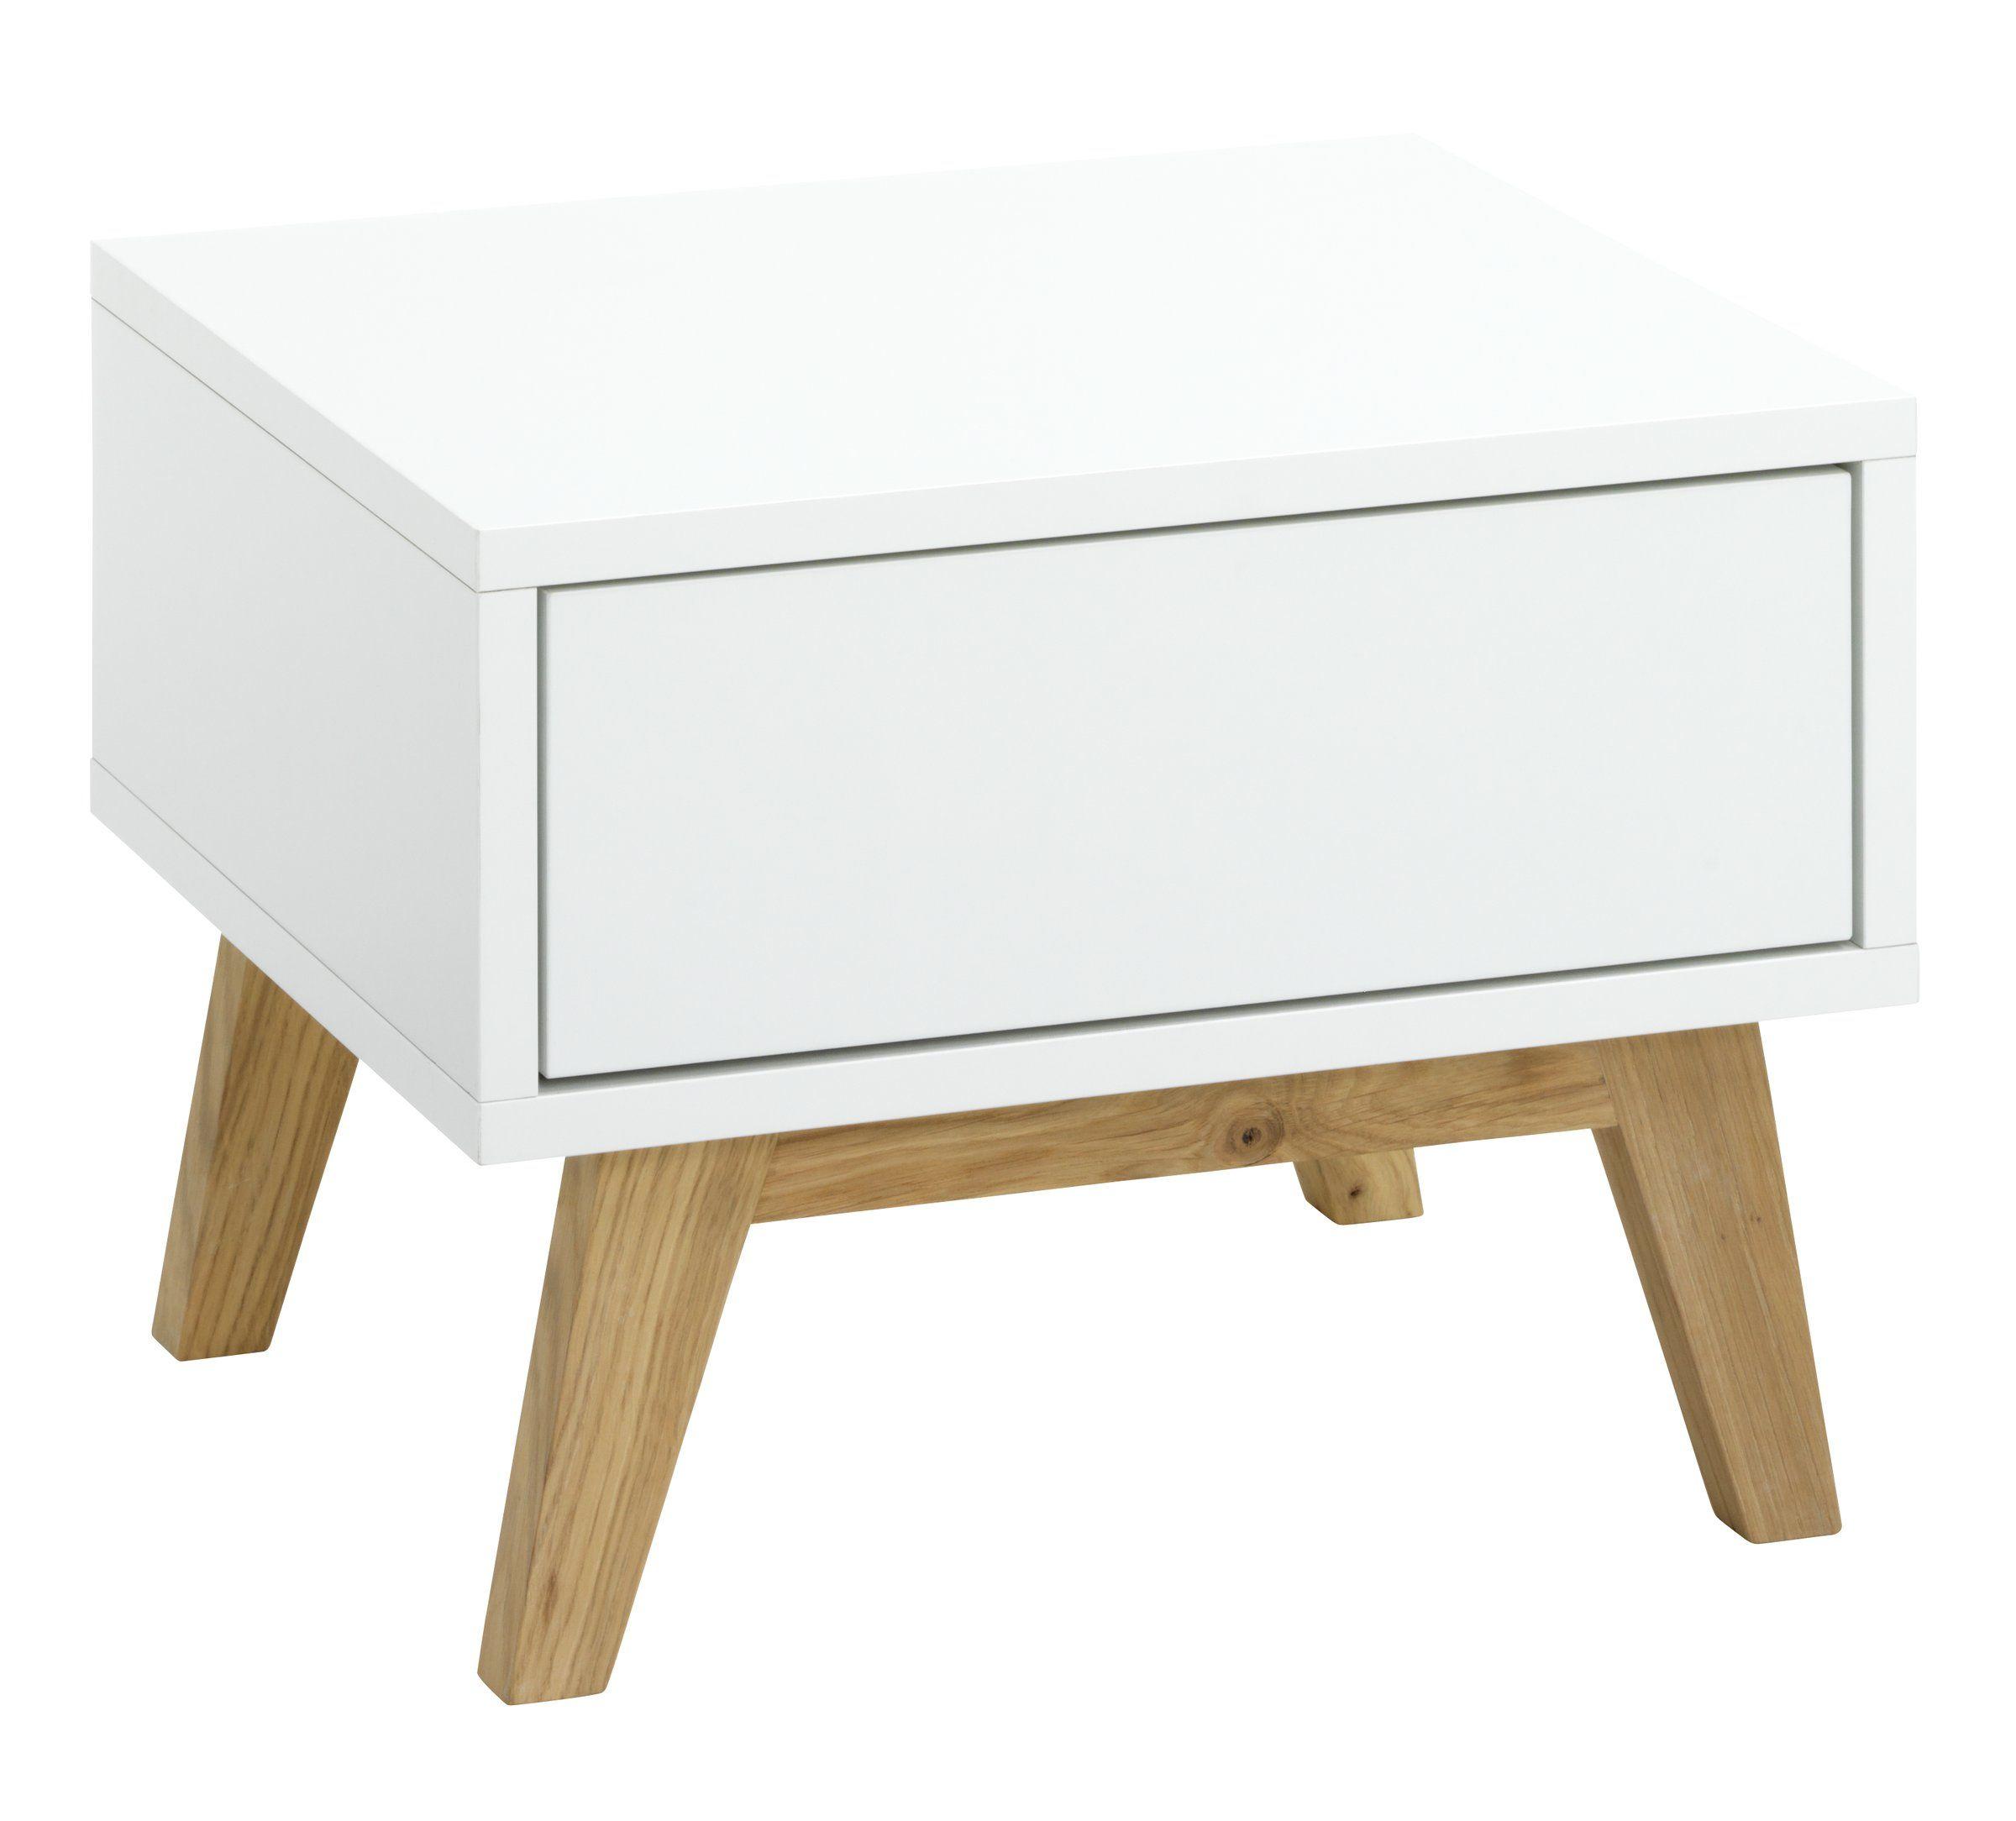 nachttisch maillard 1 schublade spanplatte weiss lackiert. Black Bedroom Furniture Sets. Home Design Ideas